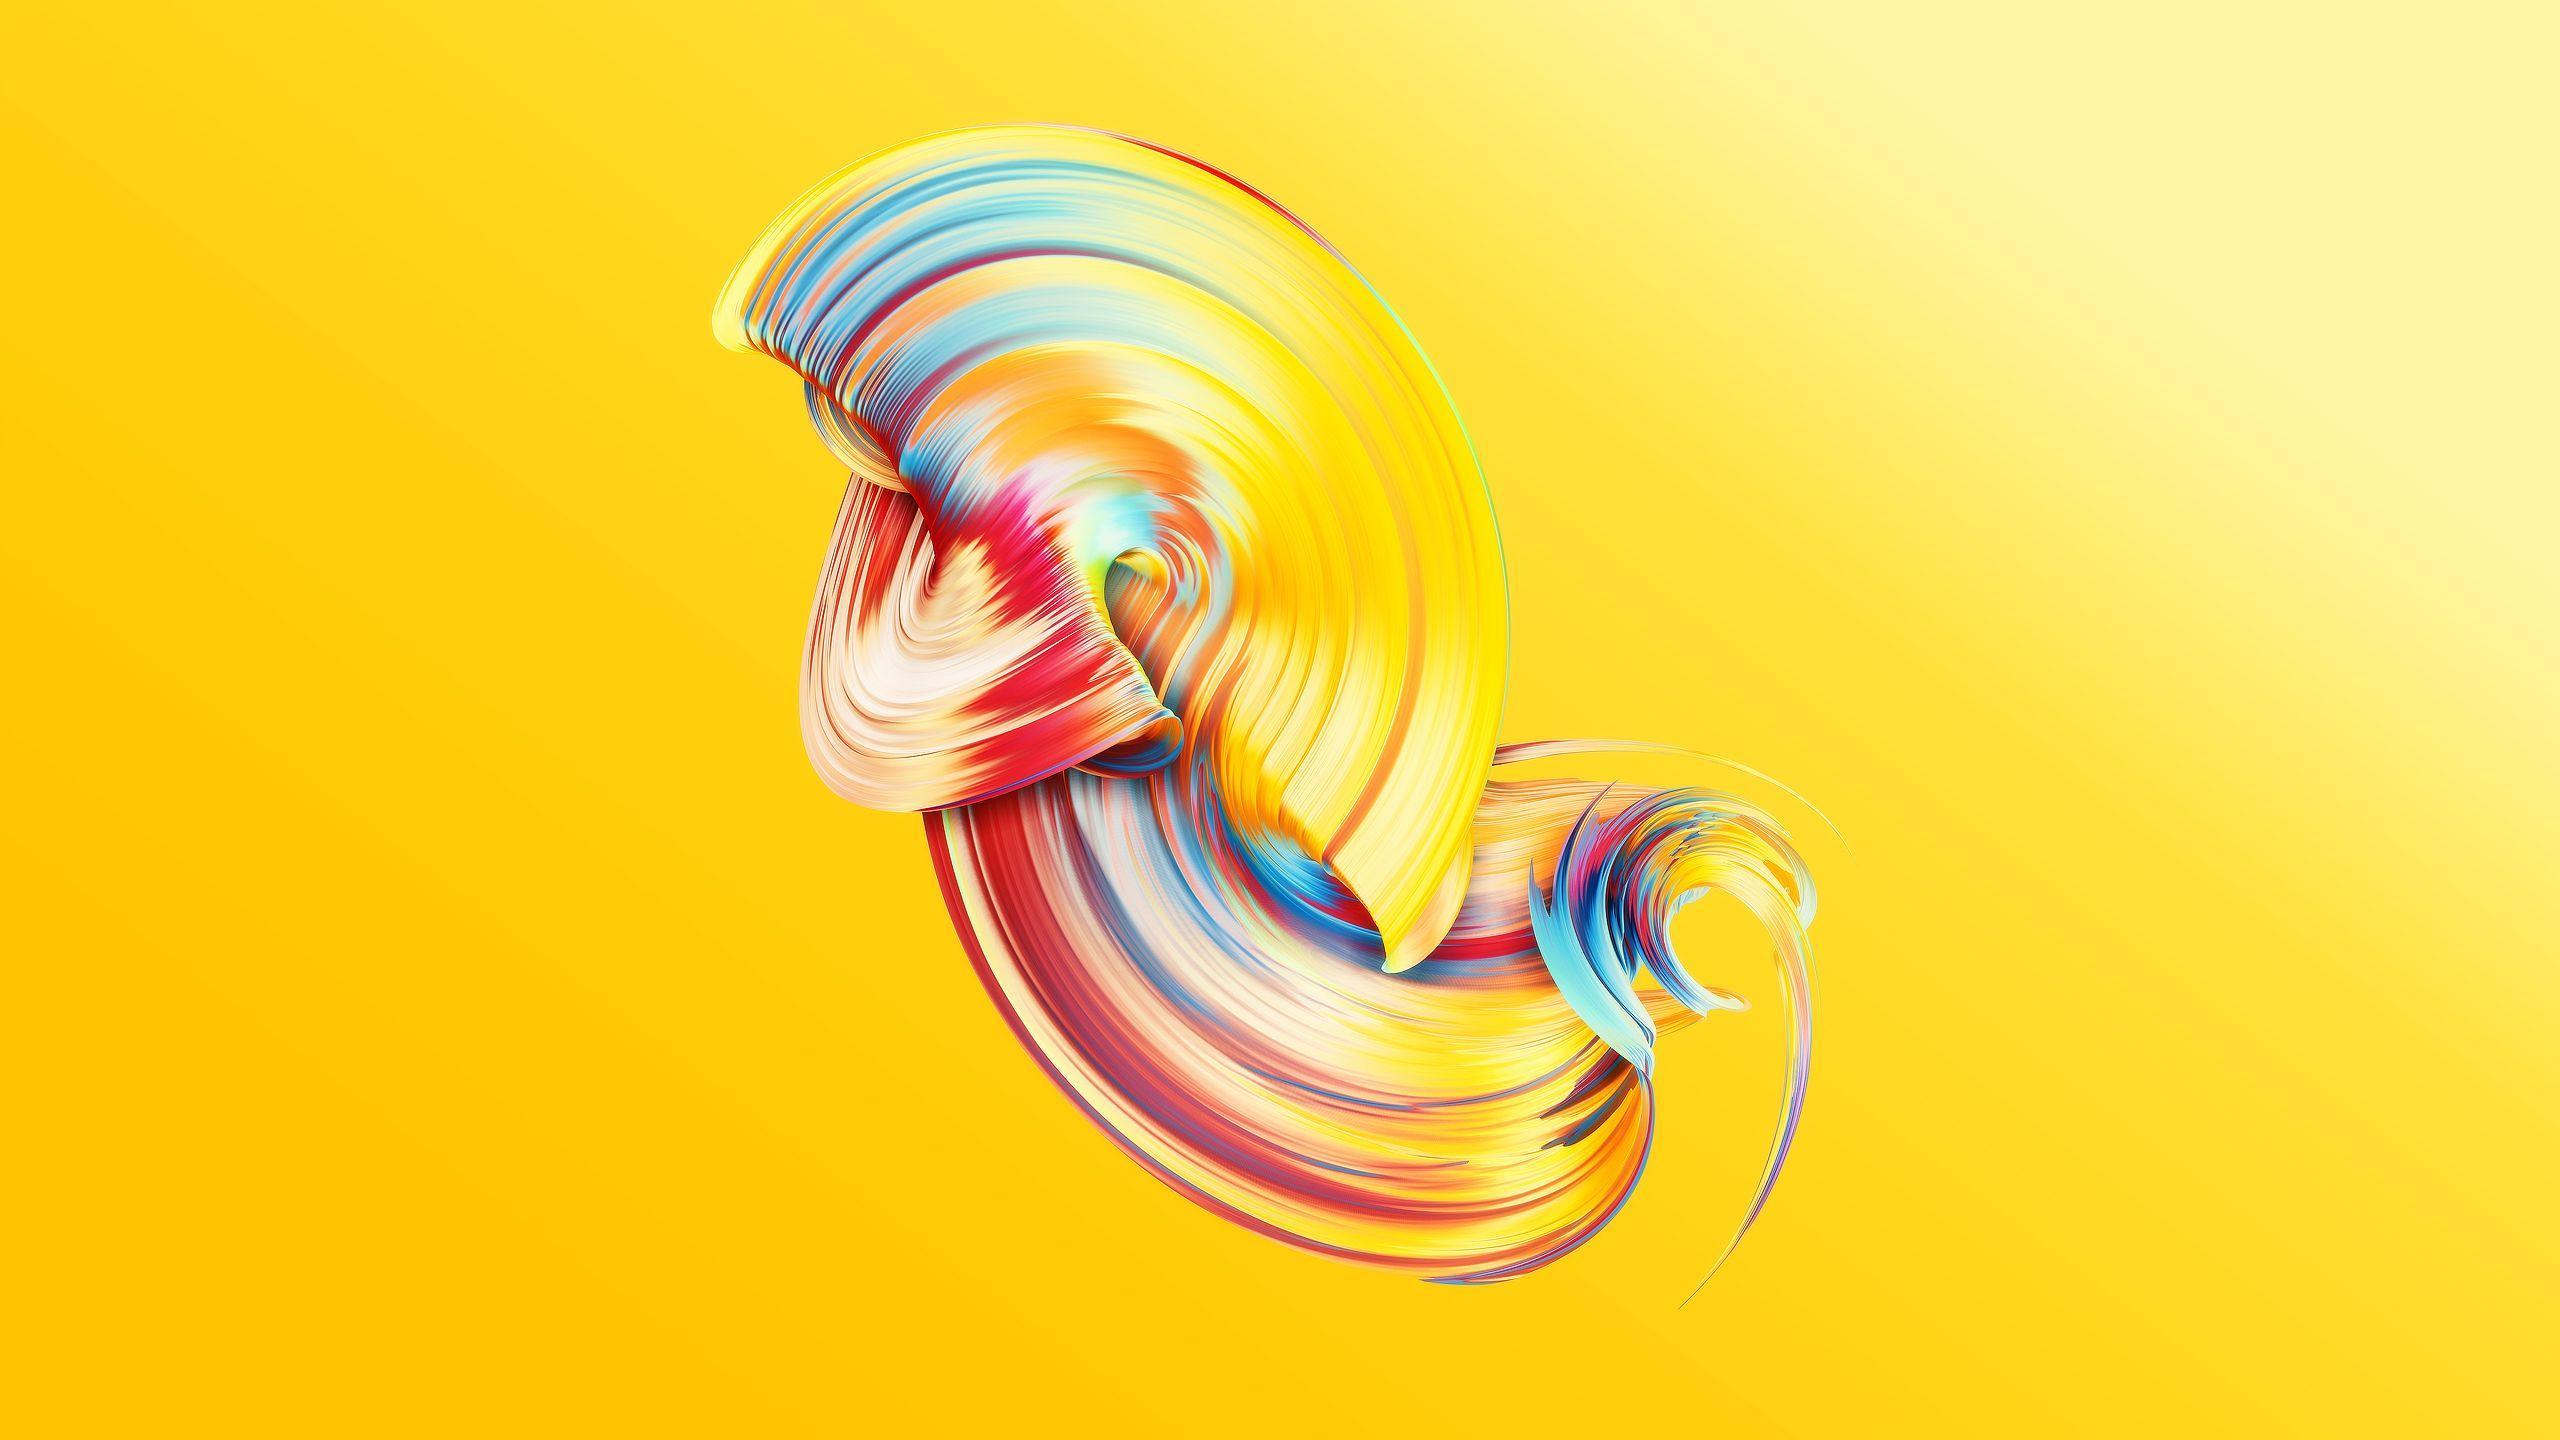 2560x1440 Hình nền trừu tượng / màu vàng - Hình nền vàng iPhone Xr HD